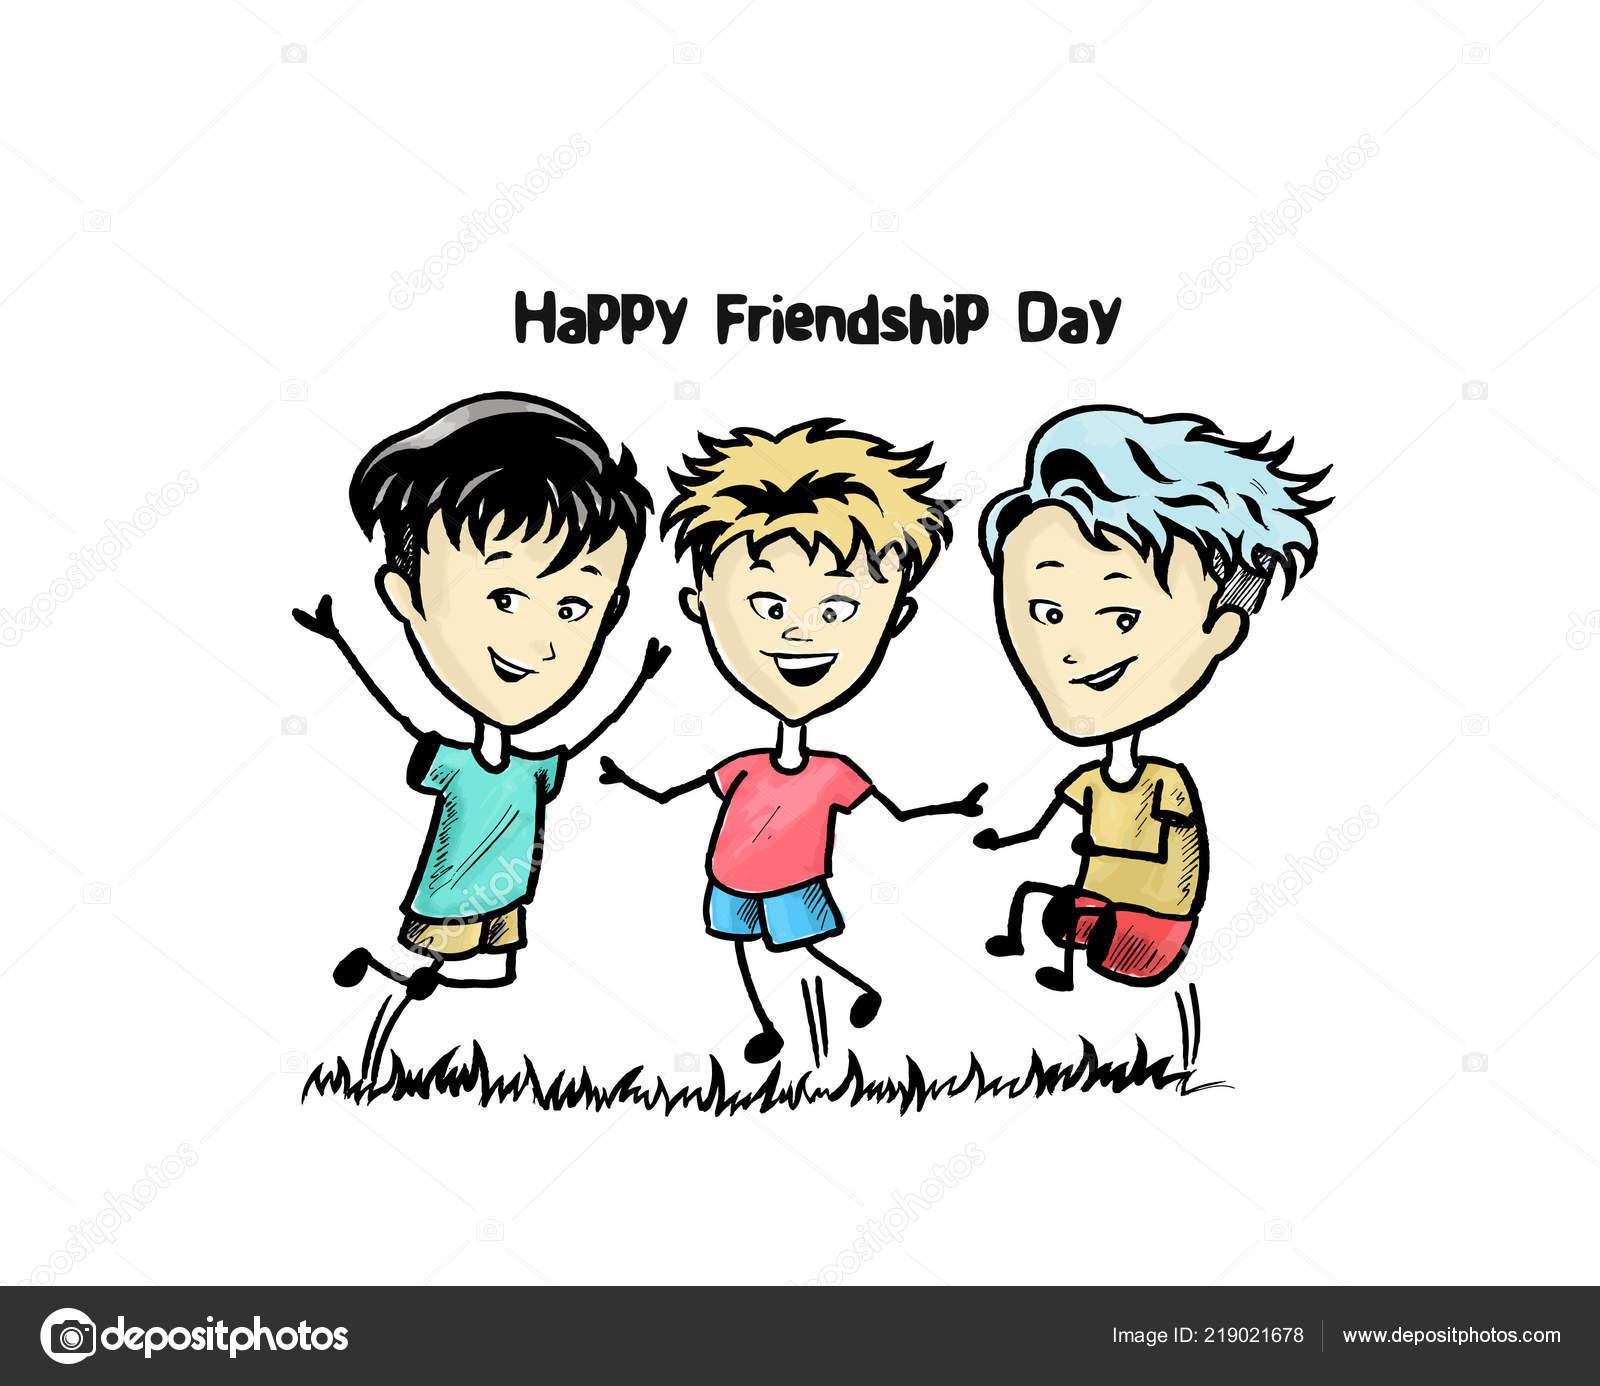 Grupo Amigos Felices Disfrutando Día Amistad Dibujos Animados Mano